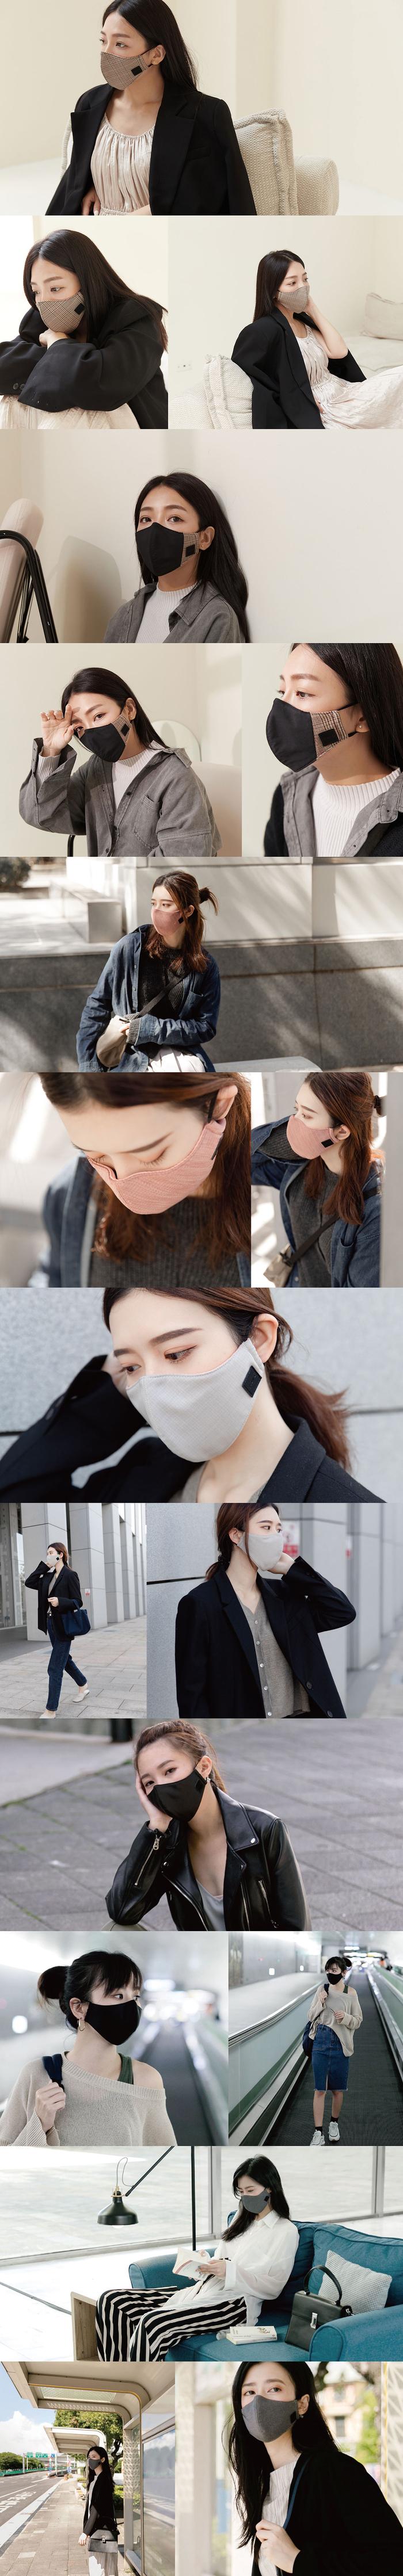 (複製)淨對流Xpure 抗霾布織口罩 - beauty (乾燥玫瑰 one size)